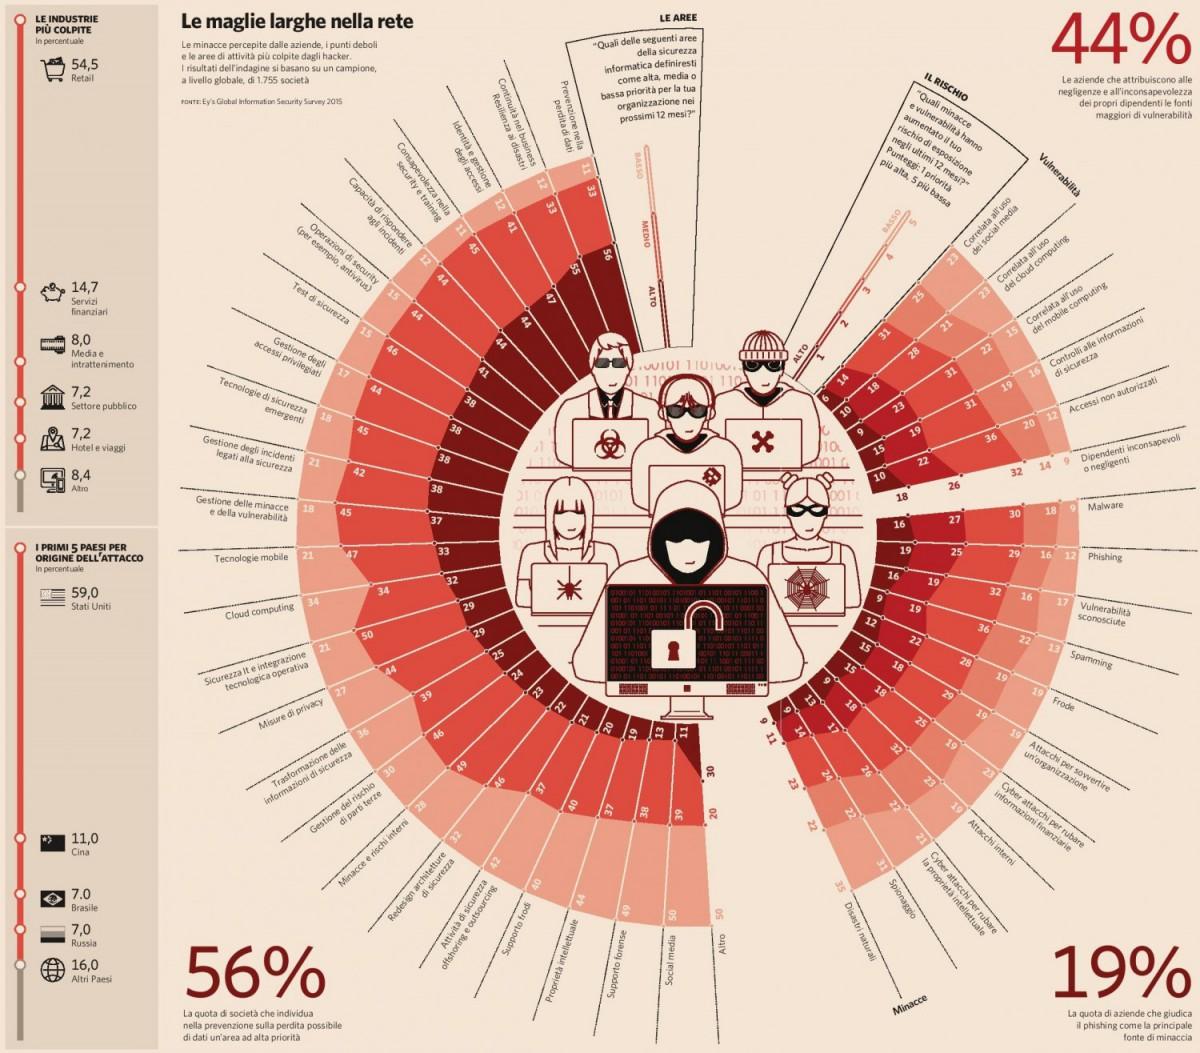 Cyber security - Le maglie larghe nella rete (Il Sole 24 Ore 20.12.2015) Imc